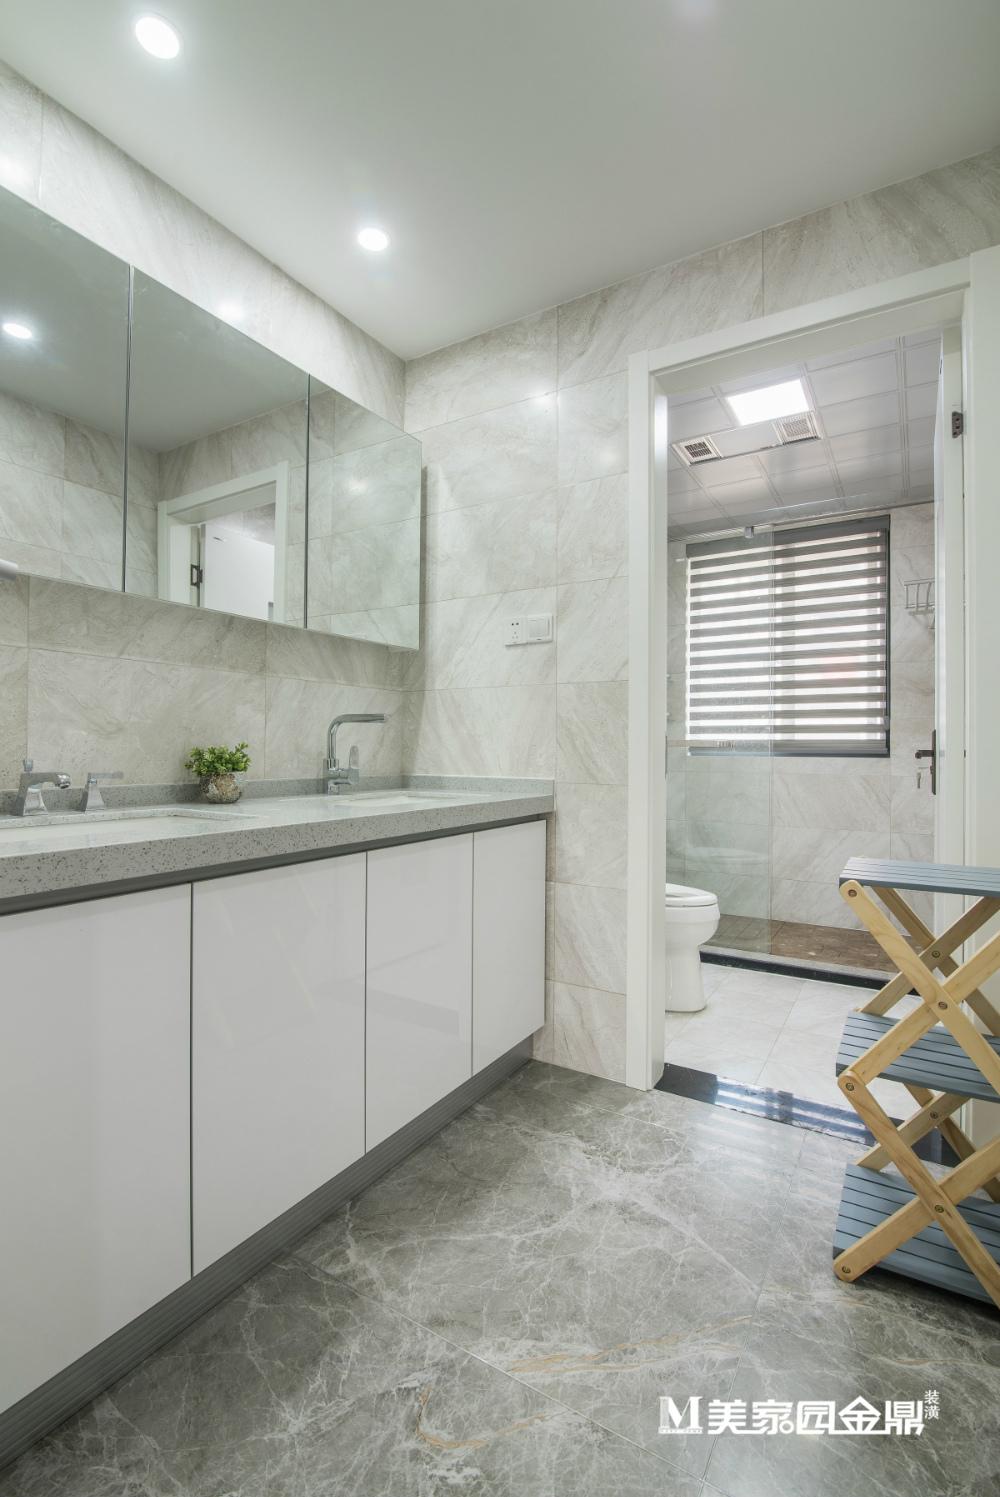 厕所 家居 设计 卫生间 卫生间装修 装修 1000_1497 竖版 竖屏